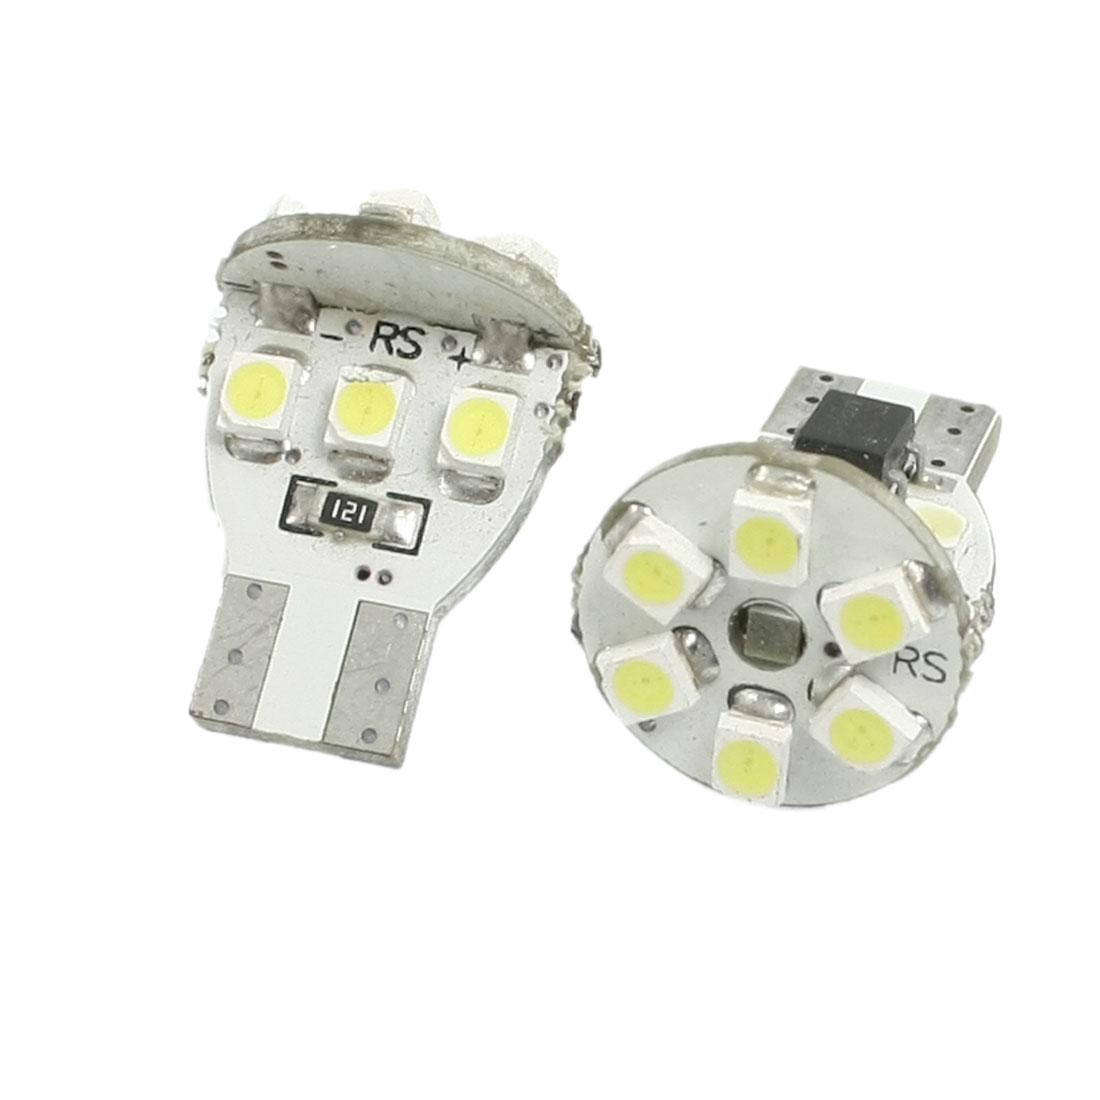 2 Pcs T10 W5W 194 168 Car White Canbus No Error 1210 SMD 12 LED Light Bulb Lamp